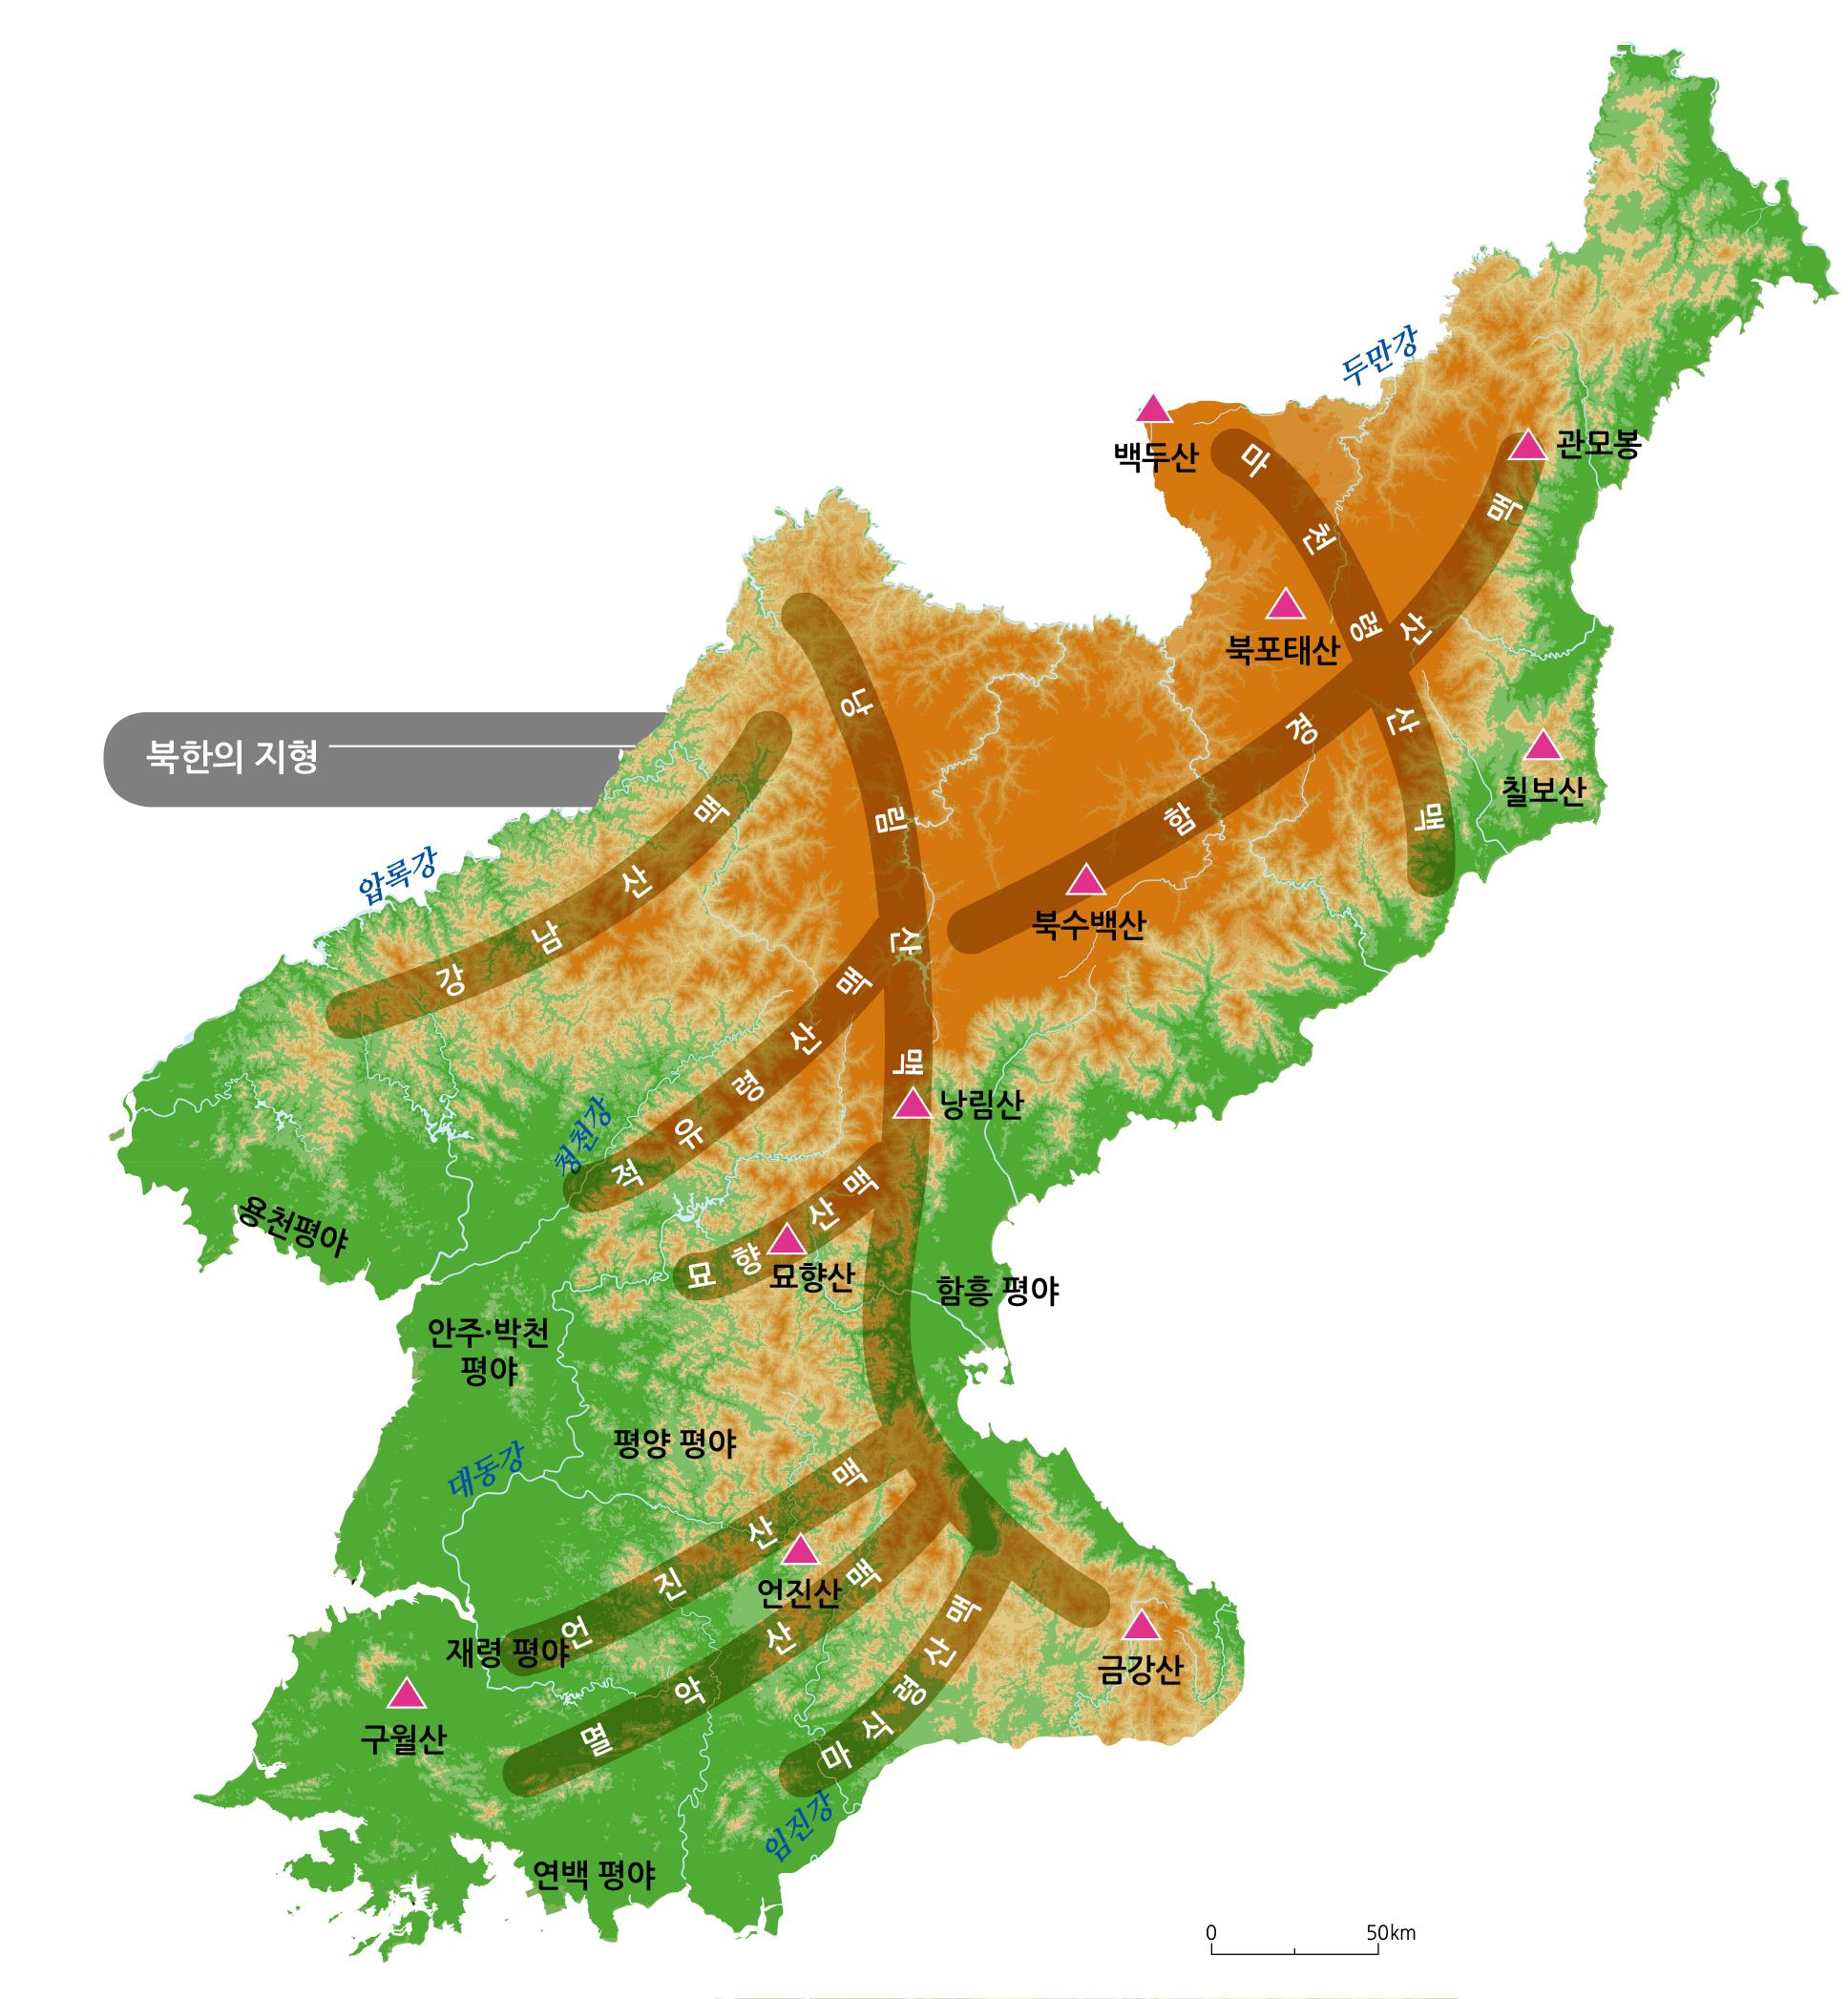 북한의 지형